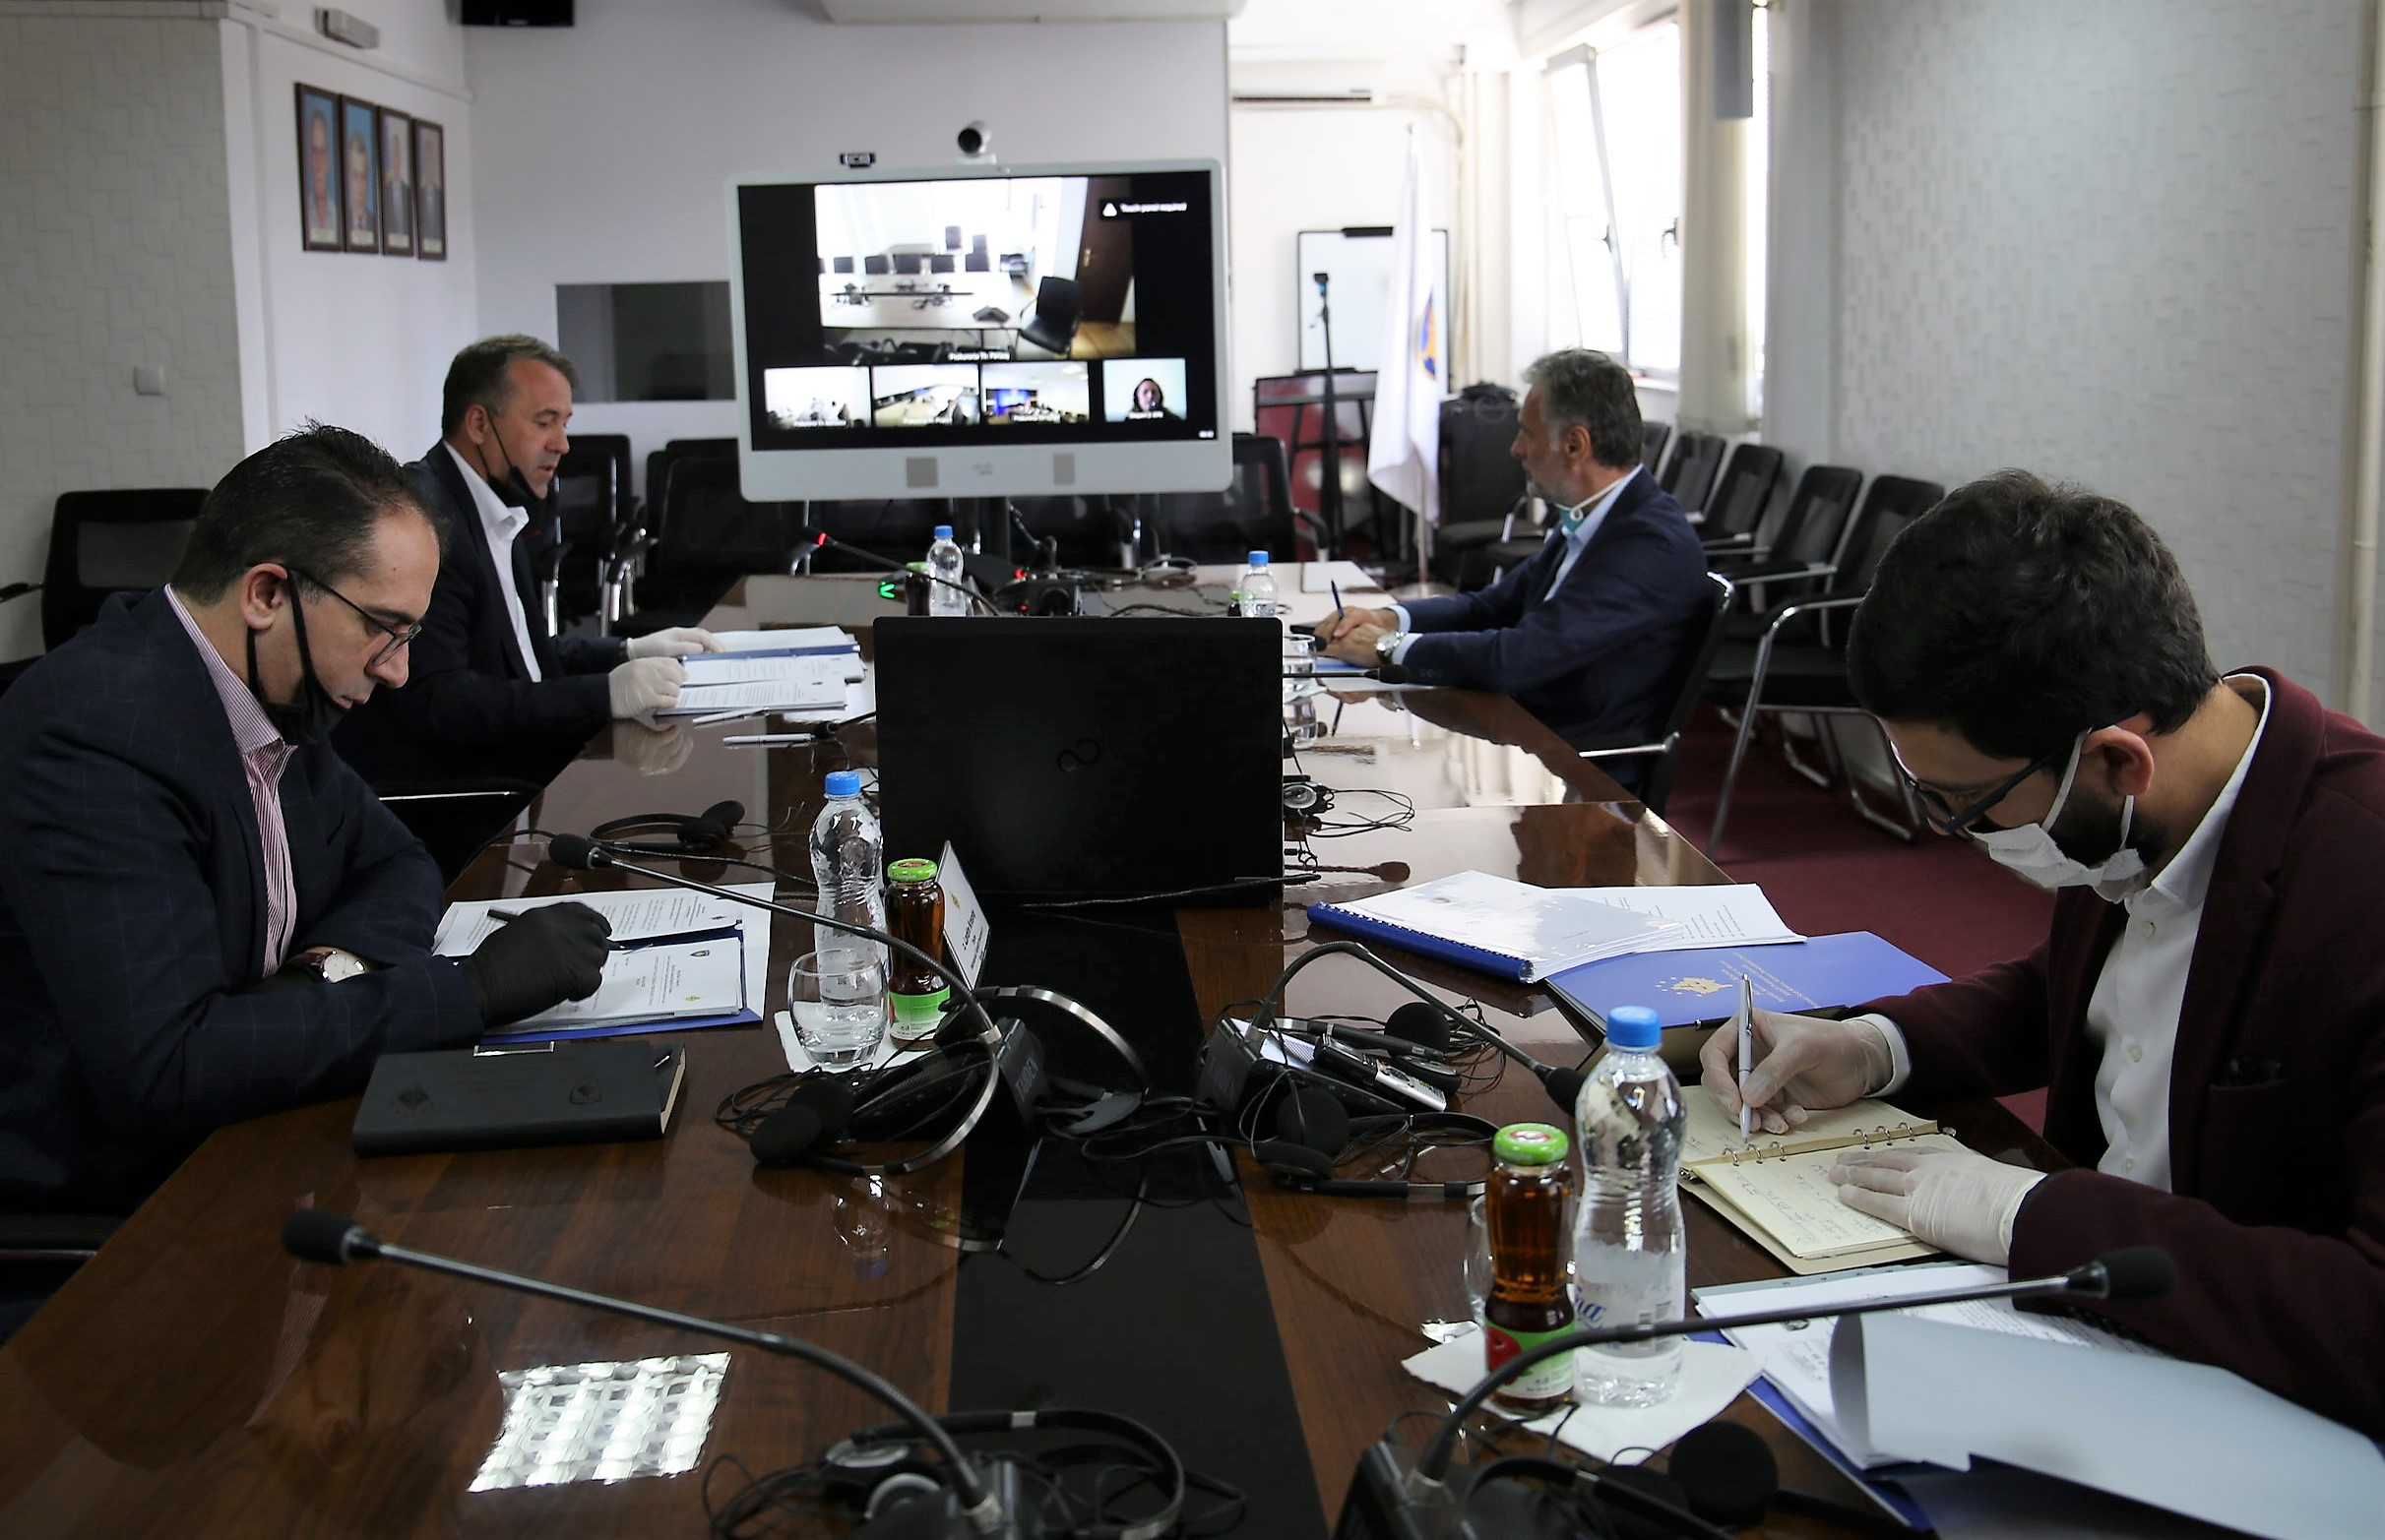 Mbahet takimi i 180-të i Këshillit Prokurorial të Kosovës